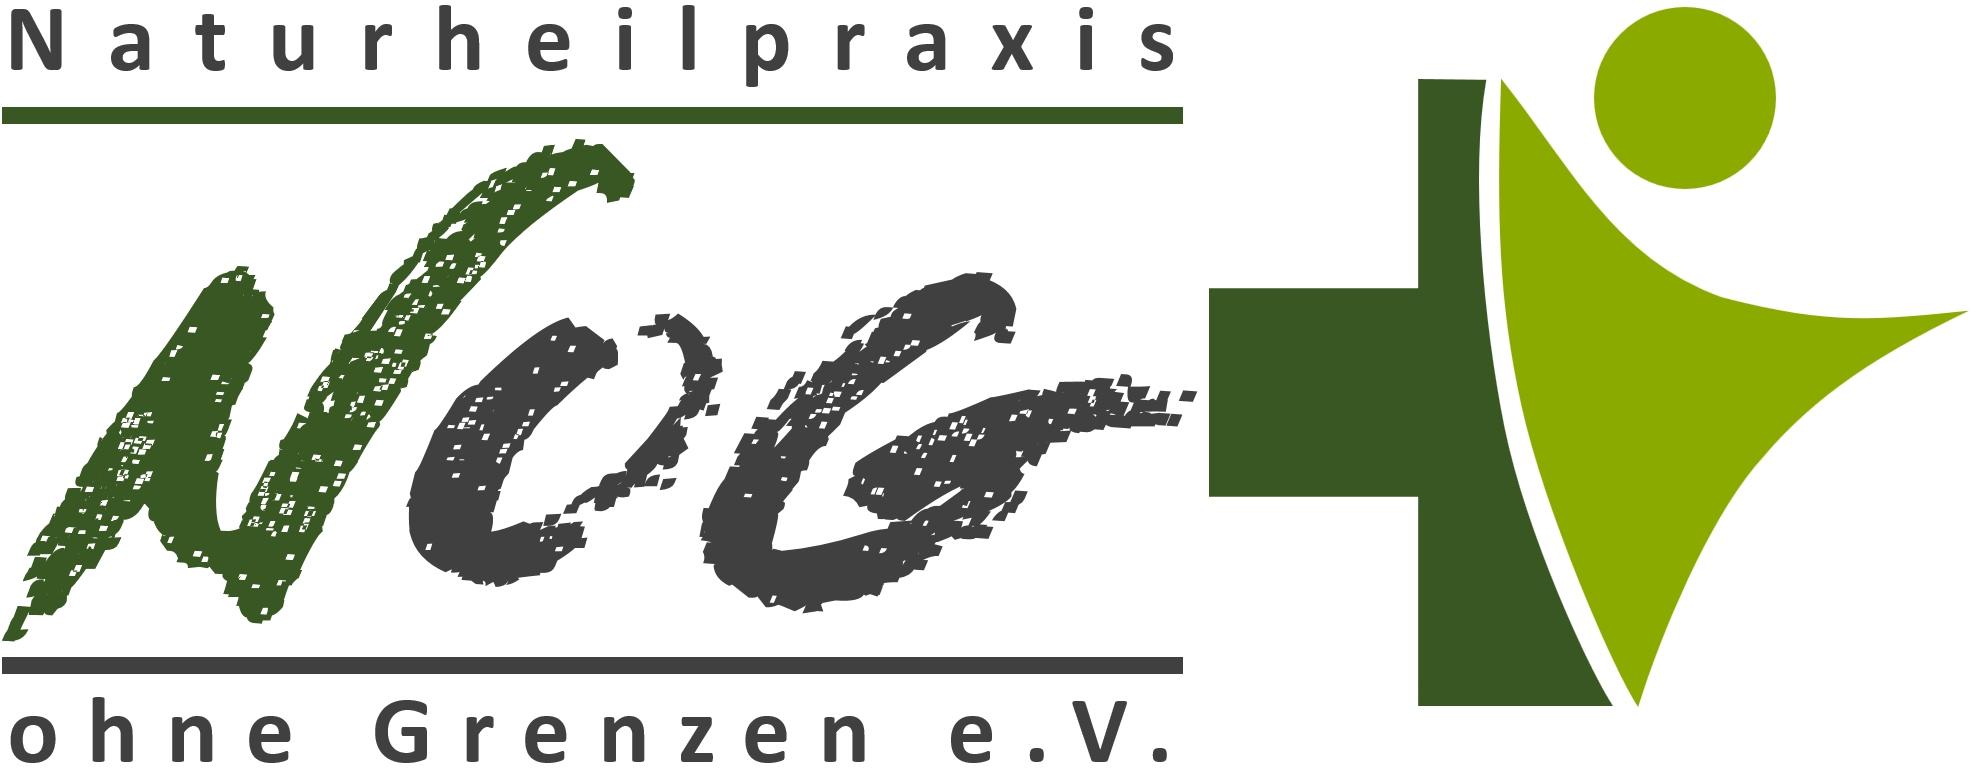 Logo der Naturheilpraxis ohne Grenzen